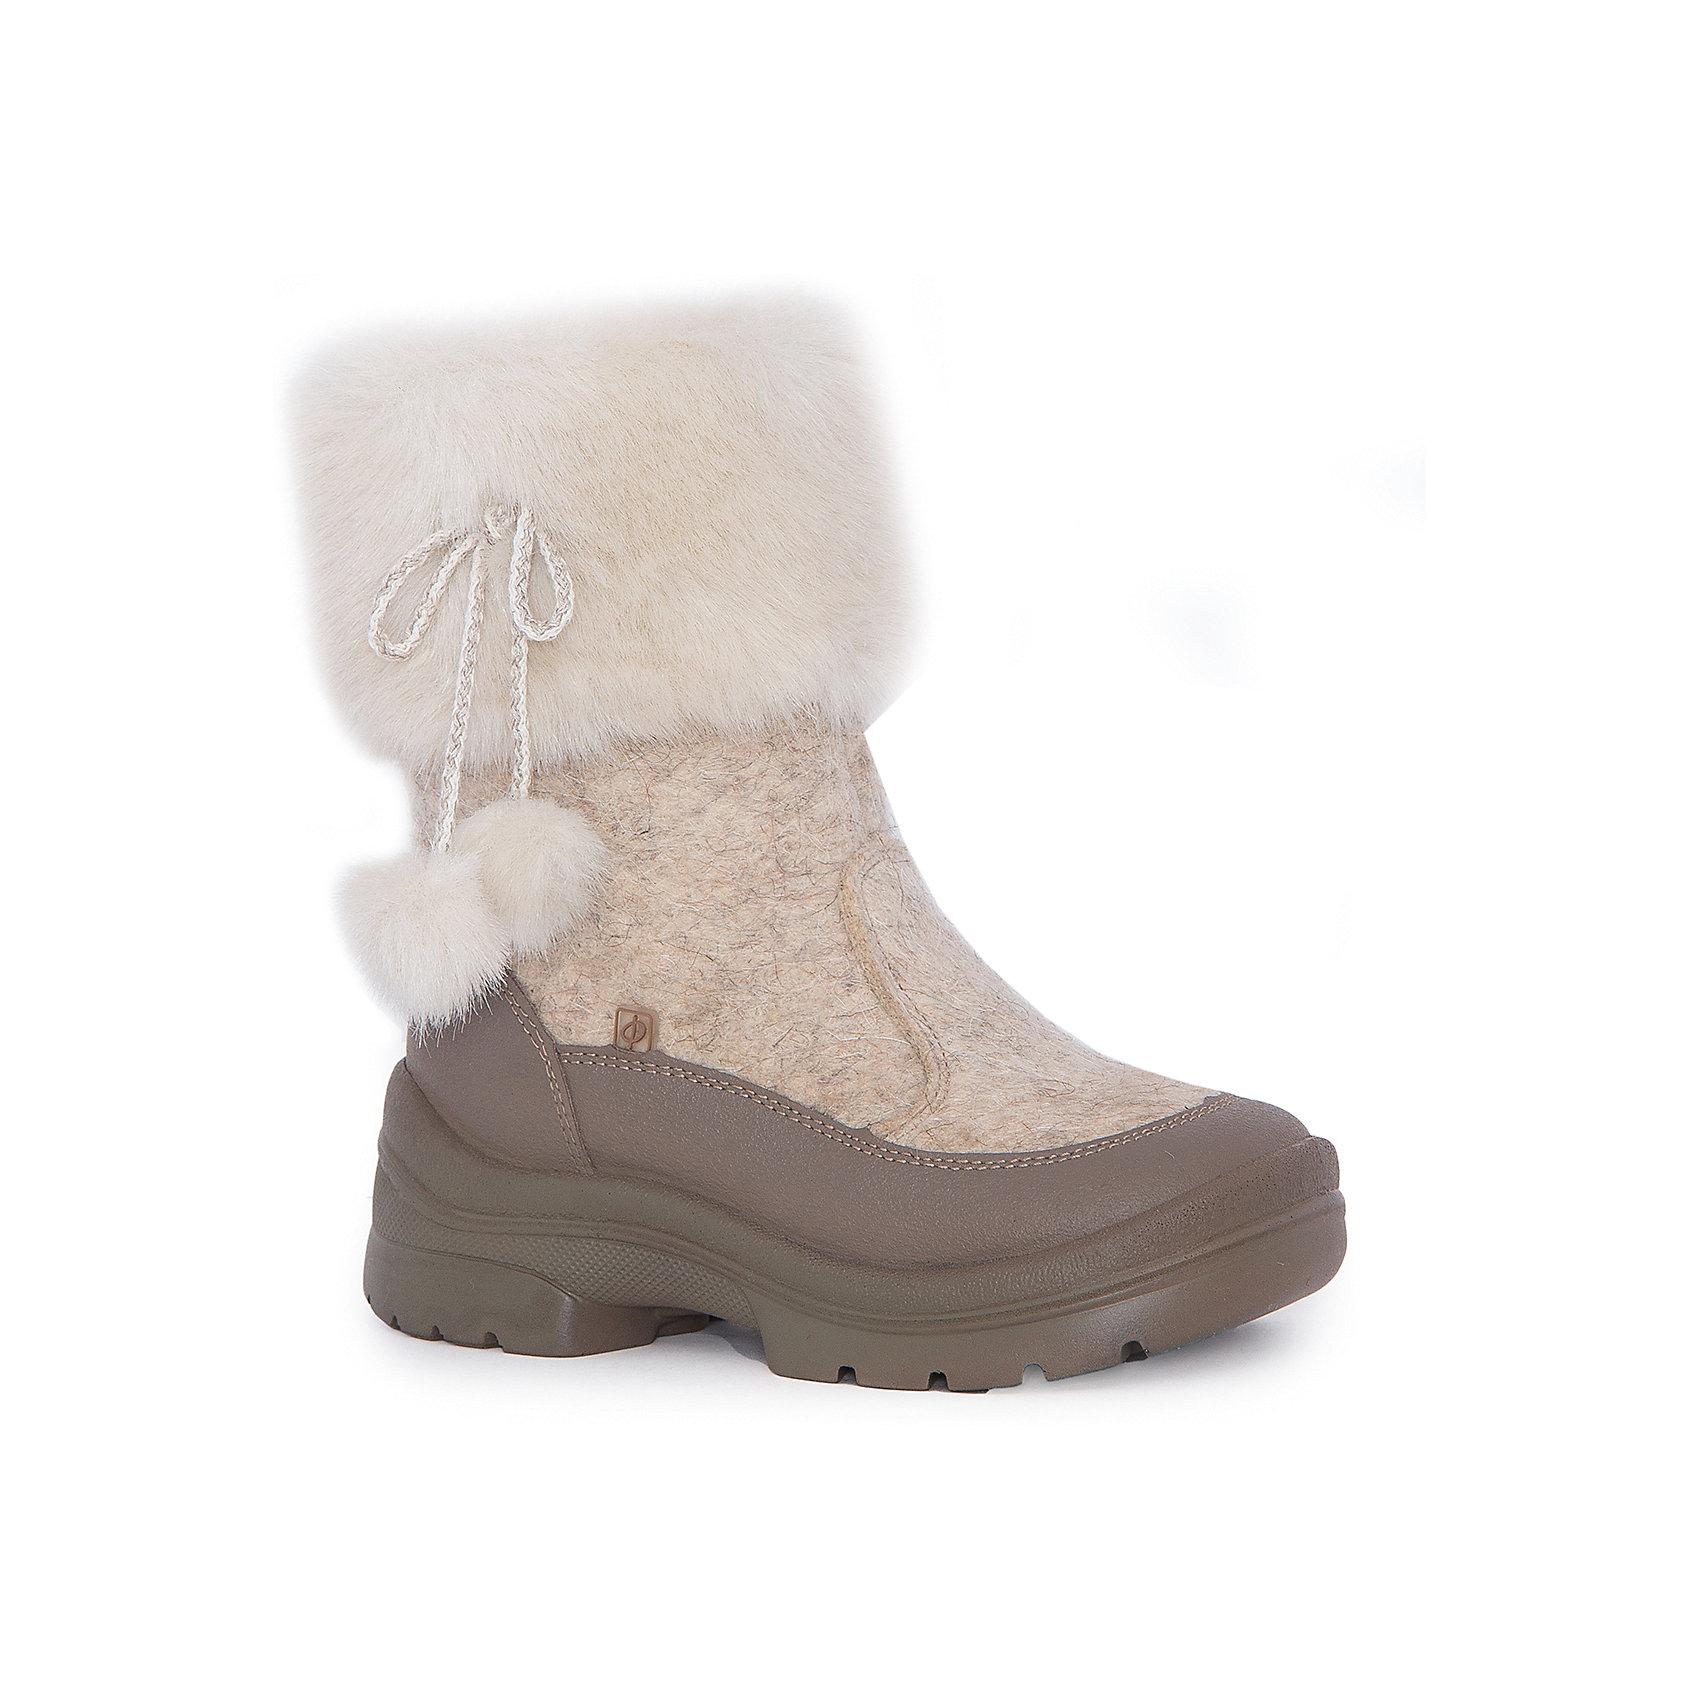 Валенки Лиза для девочки ФилипокХарактеристики товара:<br><br>• цвет: бежевый<br>• температурный режим: от -5° С до -30° С<br>• внешний материал: эко-войлок (натуральная шерсть)<br>• подкладка: натуральная овечья шерсть<br>• стелька: шерстяной войлок (3,5 мм)<br>• подошва: литая, полиуретан<br>• декорированы искусственным мехом<br>• подошва с анти скользящей с системой протектора anti slip<br>• застежка: молния<br>• защита носка - натуральная кожа с износостойкой пропиткой<br>• усиленная пятка<br>• толстая устойчивая подошва<br>• страна бренда: РФ<br>• страна изготовитель: РФ<br><br>Очень теплые и удобные валенки для ребенка от известного бренда детской обуви Филипок созданы специально для русской зимы. Качественные материалы с пропиткой против попадания воды внутрь и модный дизайн понравятся и малышам и их родителям. Подошва и стелька обеспечат ребенку комфорт, сухость и тепло, позволяя в полной мере наслаждаться зимним отдыхом. Усиленная защита пятки и носка обеспечивает дополнительную безопасность детских ног в этих сапожках.<br>Эта красивая и удобная обувь прослужит долго благодаря отличному качеству. Производитель анти скользящее покрытие и амортизирующие свойства подошвы! Модель производится из качественных и проверенных материалов, которые безопасны для детей.<br><br>Валенки для девочки от бренда Филипок можно купить в нашем интернет-магазине.<br><br>Ширина мм: 257<br>Глубина мм: 180<br>Высота мм: 130<br>Вес г: 420<br>Цвет: бежевый<br>Возраст от месяцев: 48<br>Возраст до месяцев: 60<br>Пол: Женский<br>Возраст: Детский<br>Размер: 28,32,29,30,27,25,24,31,26<br>SKU: 4207288